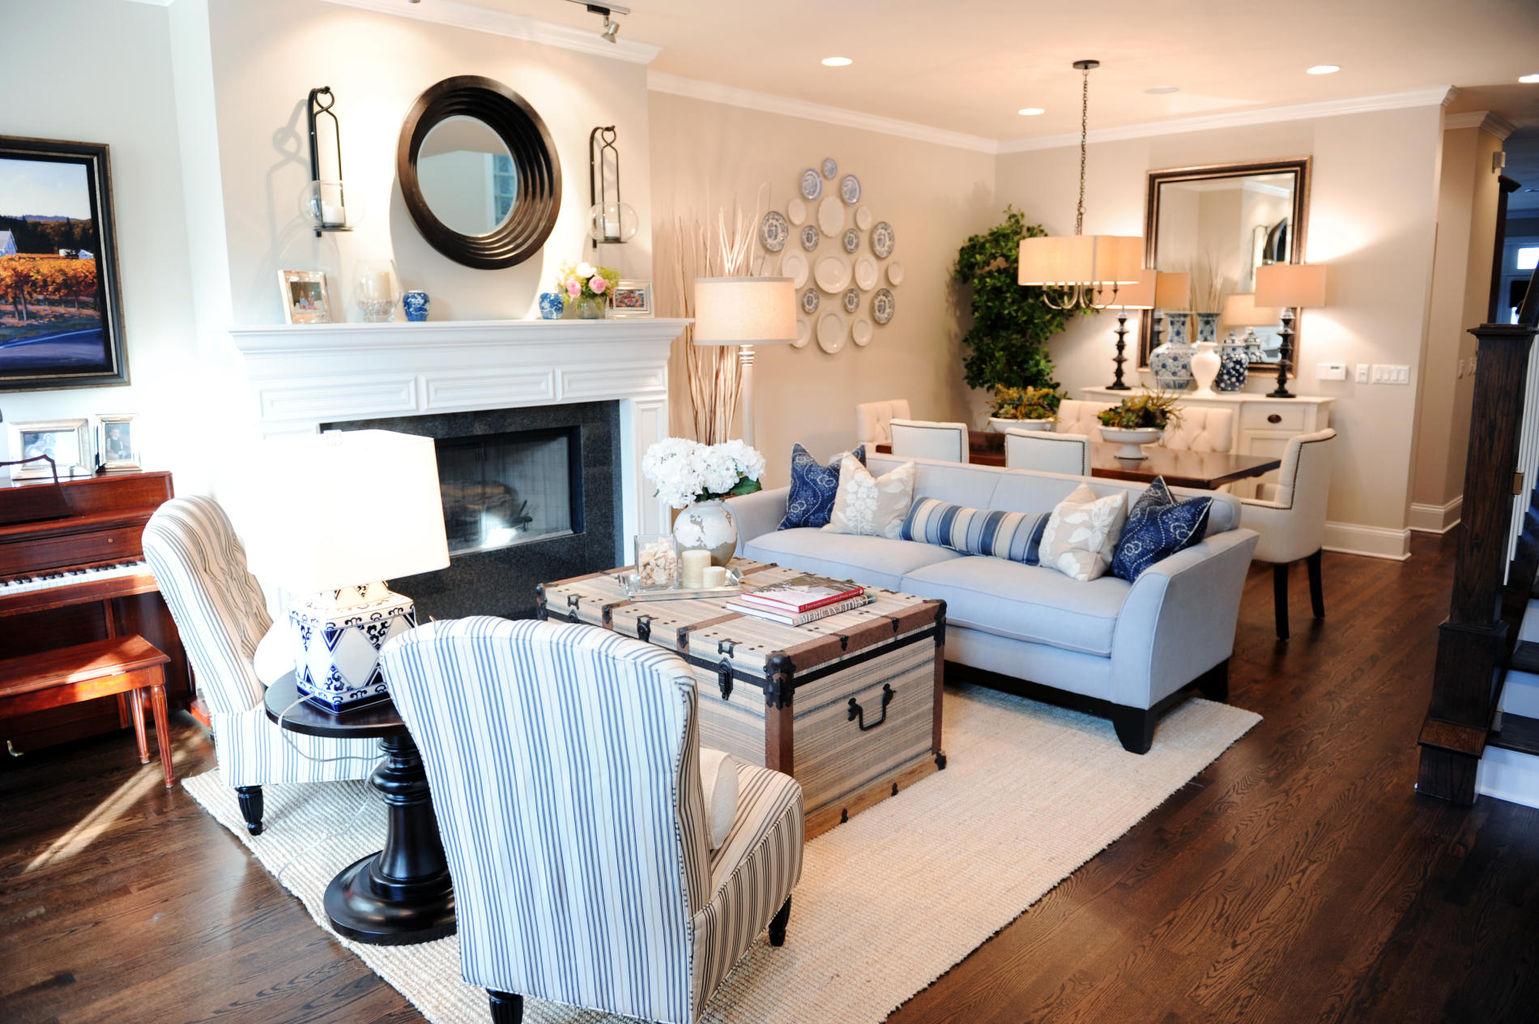 Living room 71356 1900 jpg